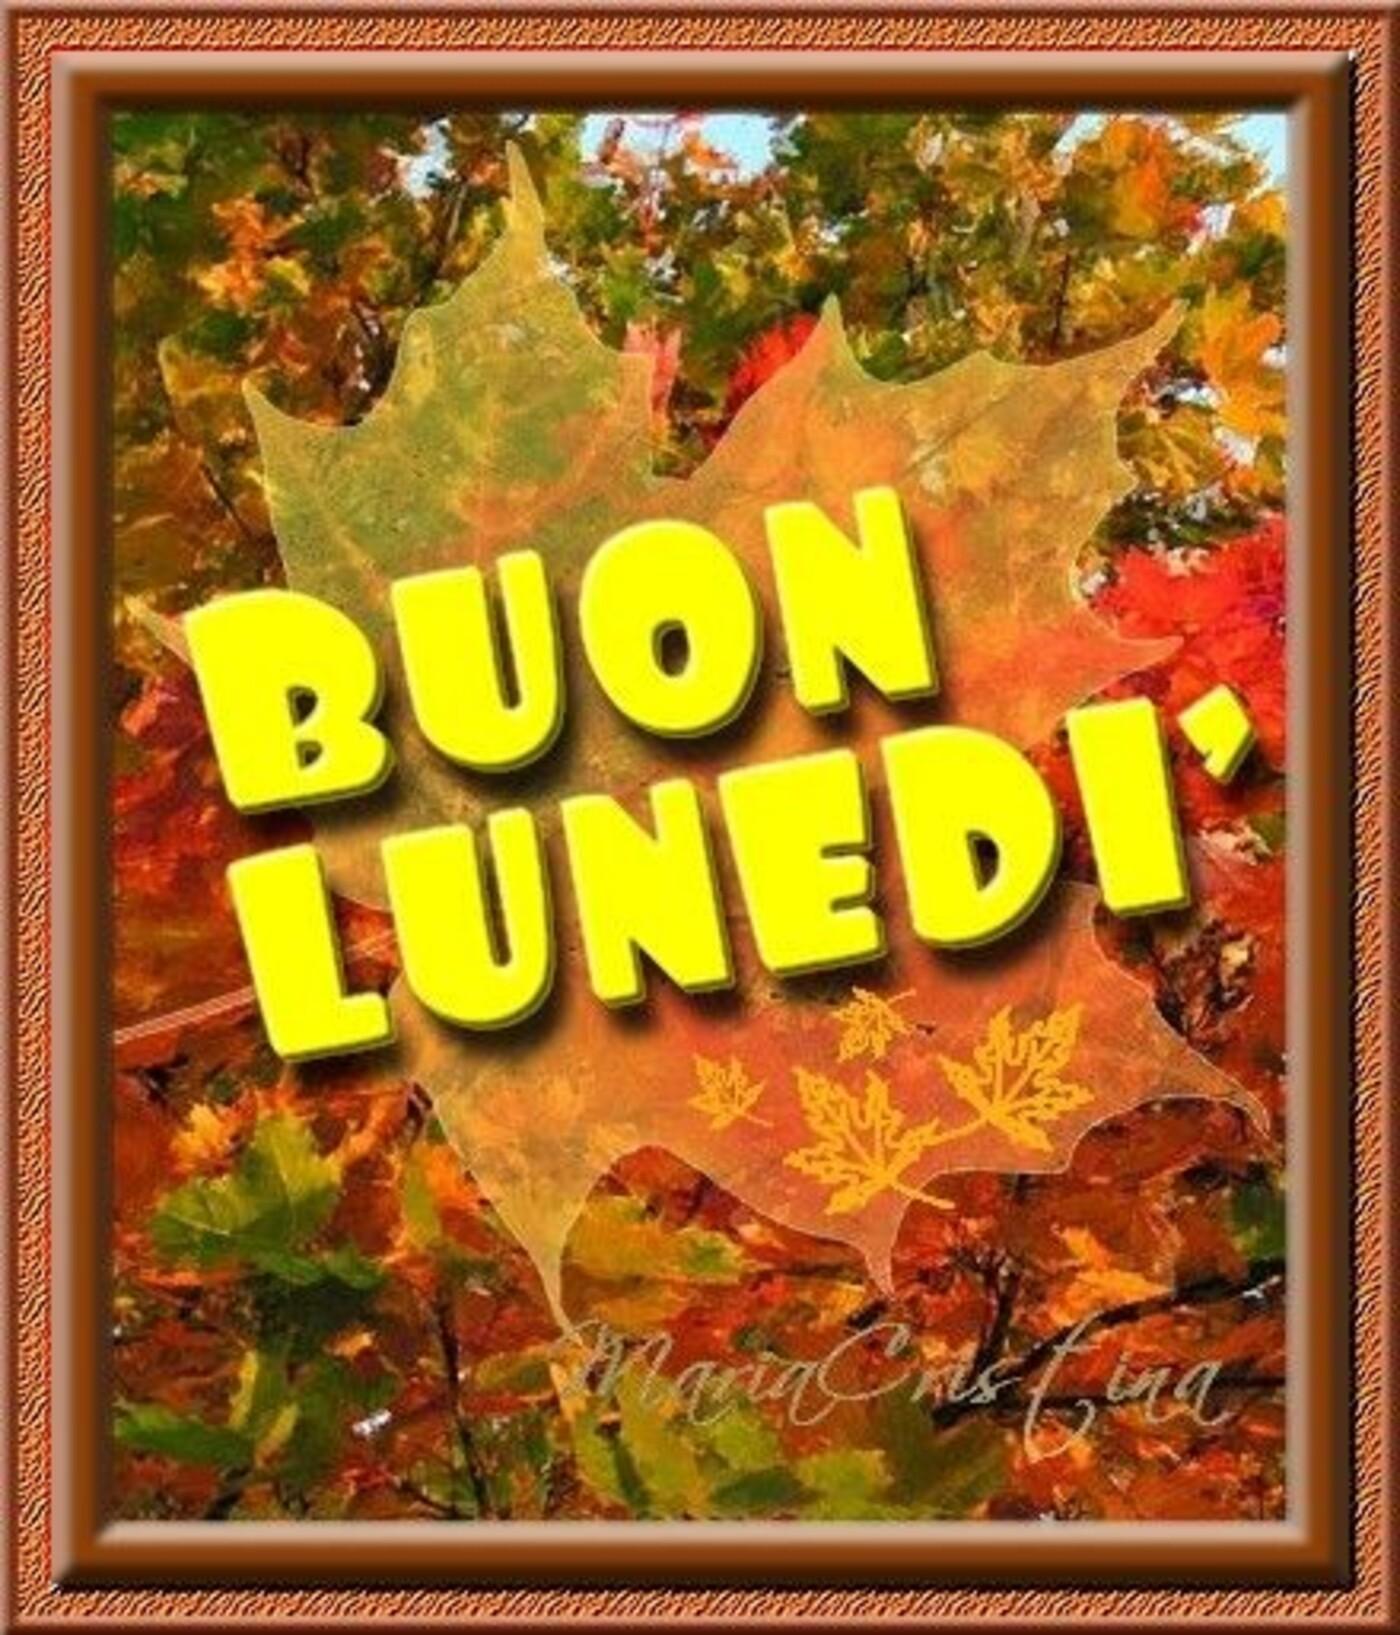 Buon Lunedì autunno